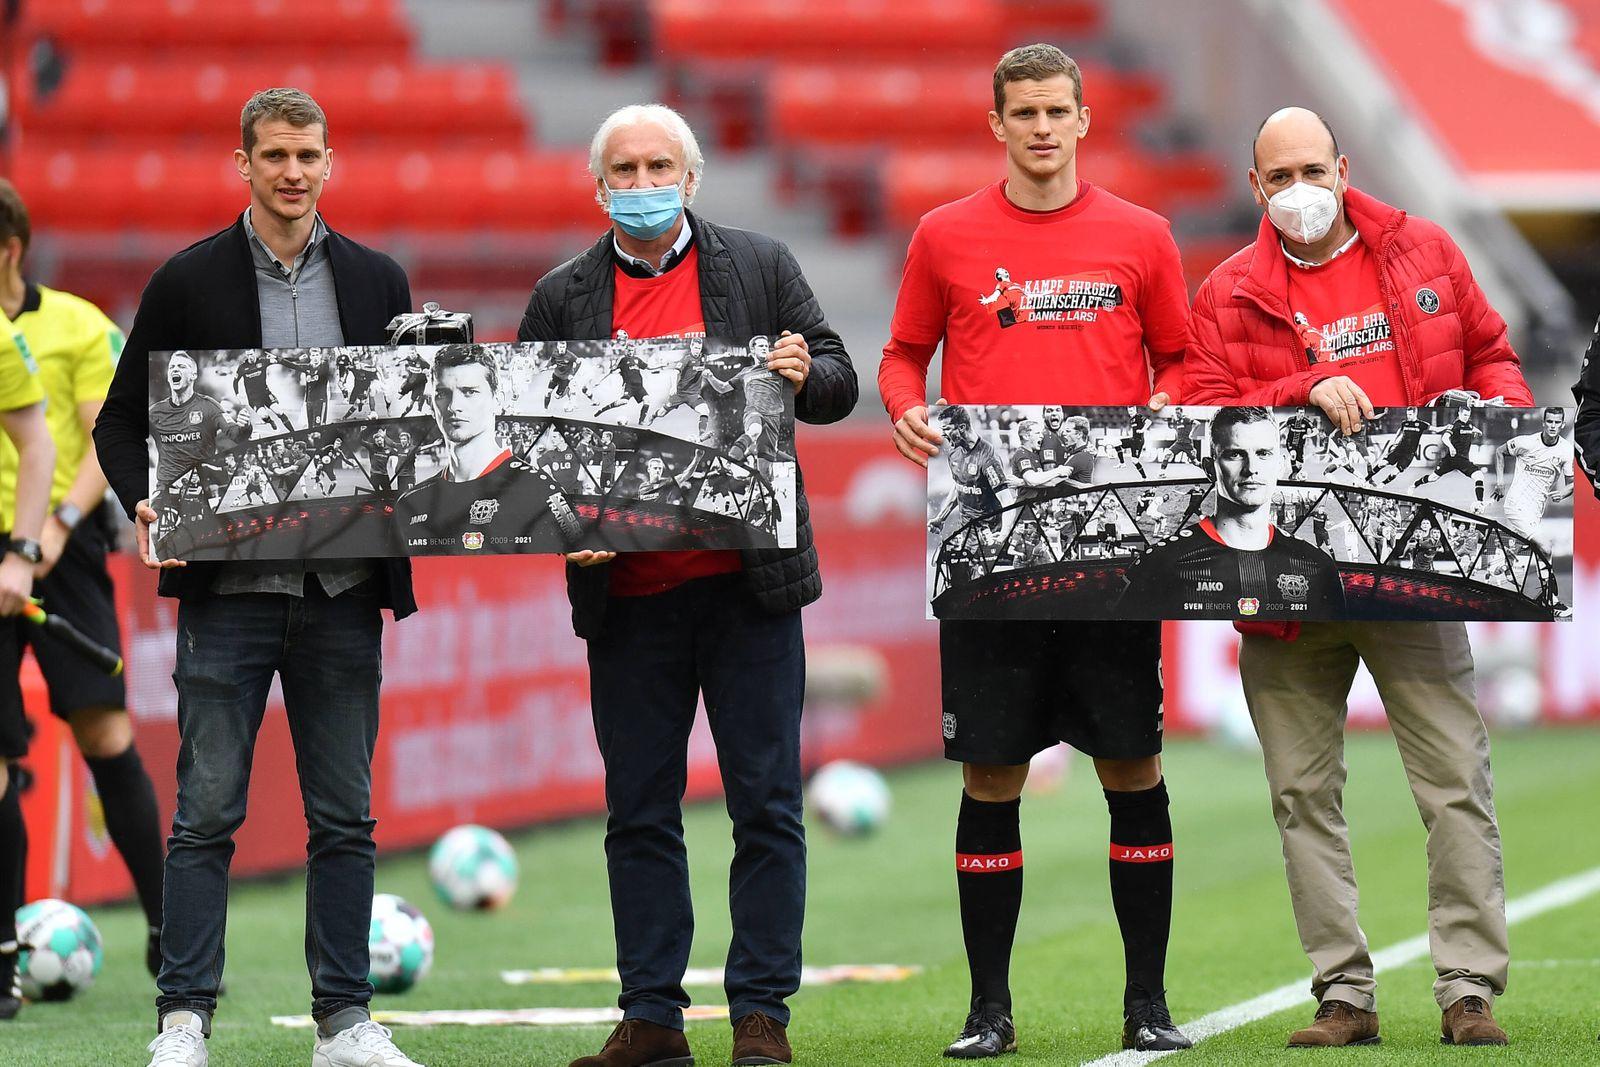 Sport Bilder des Tages Fußball: 1. Bundesliga, Saison 2020/2021, 33. Spieltag, Bayer 04 Leverkusen gegen 1. FC Union Ber